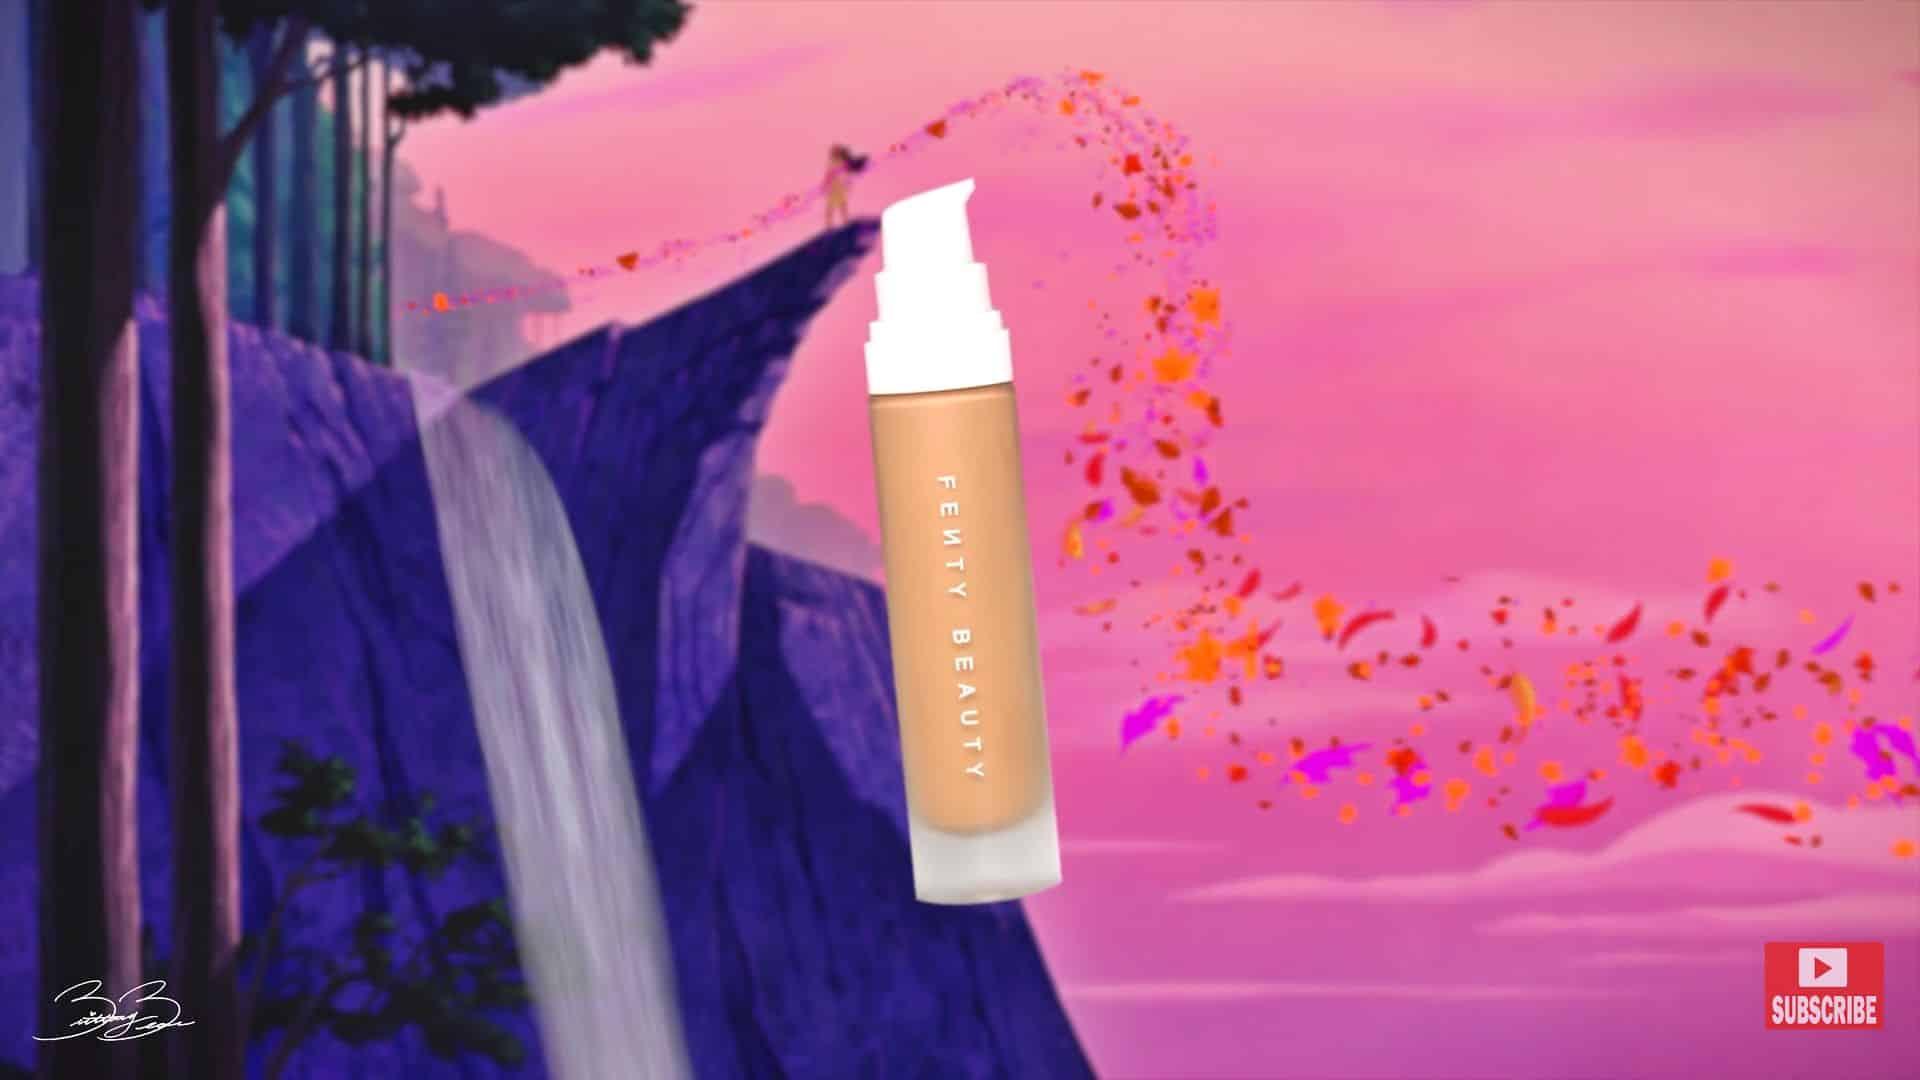 Maquíllate como la princesa Pocahontas,BrittanyBearMakeup 2020. base de maquillaje fenty beauty.